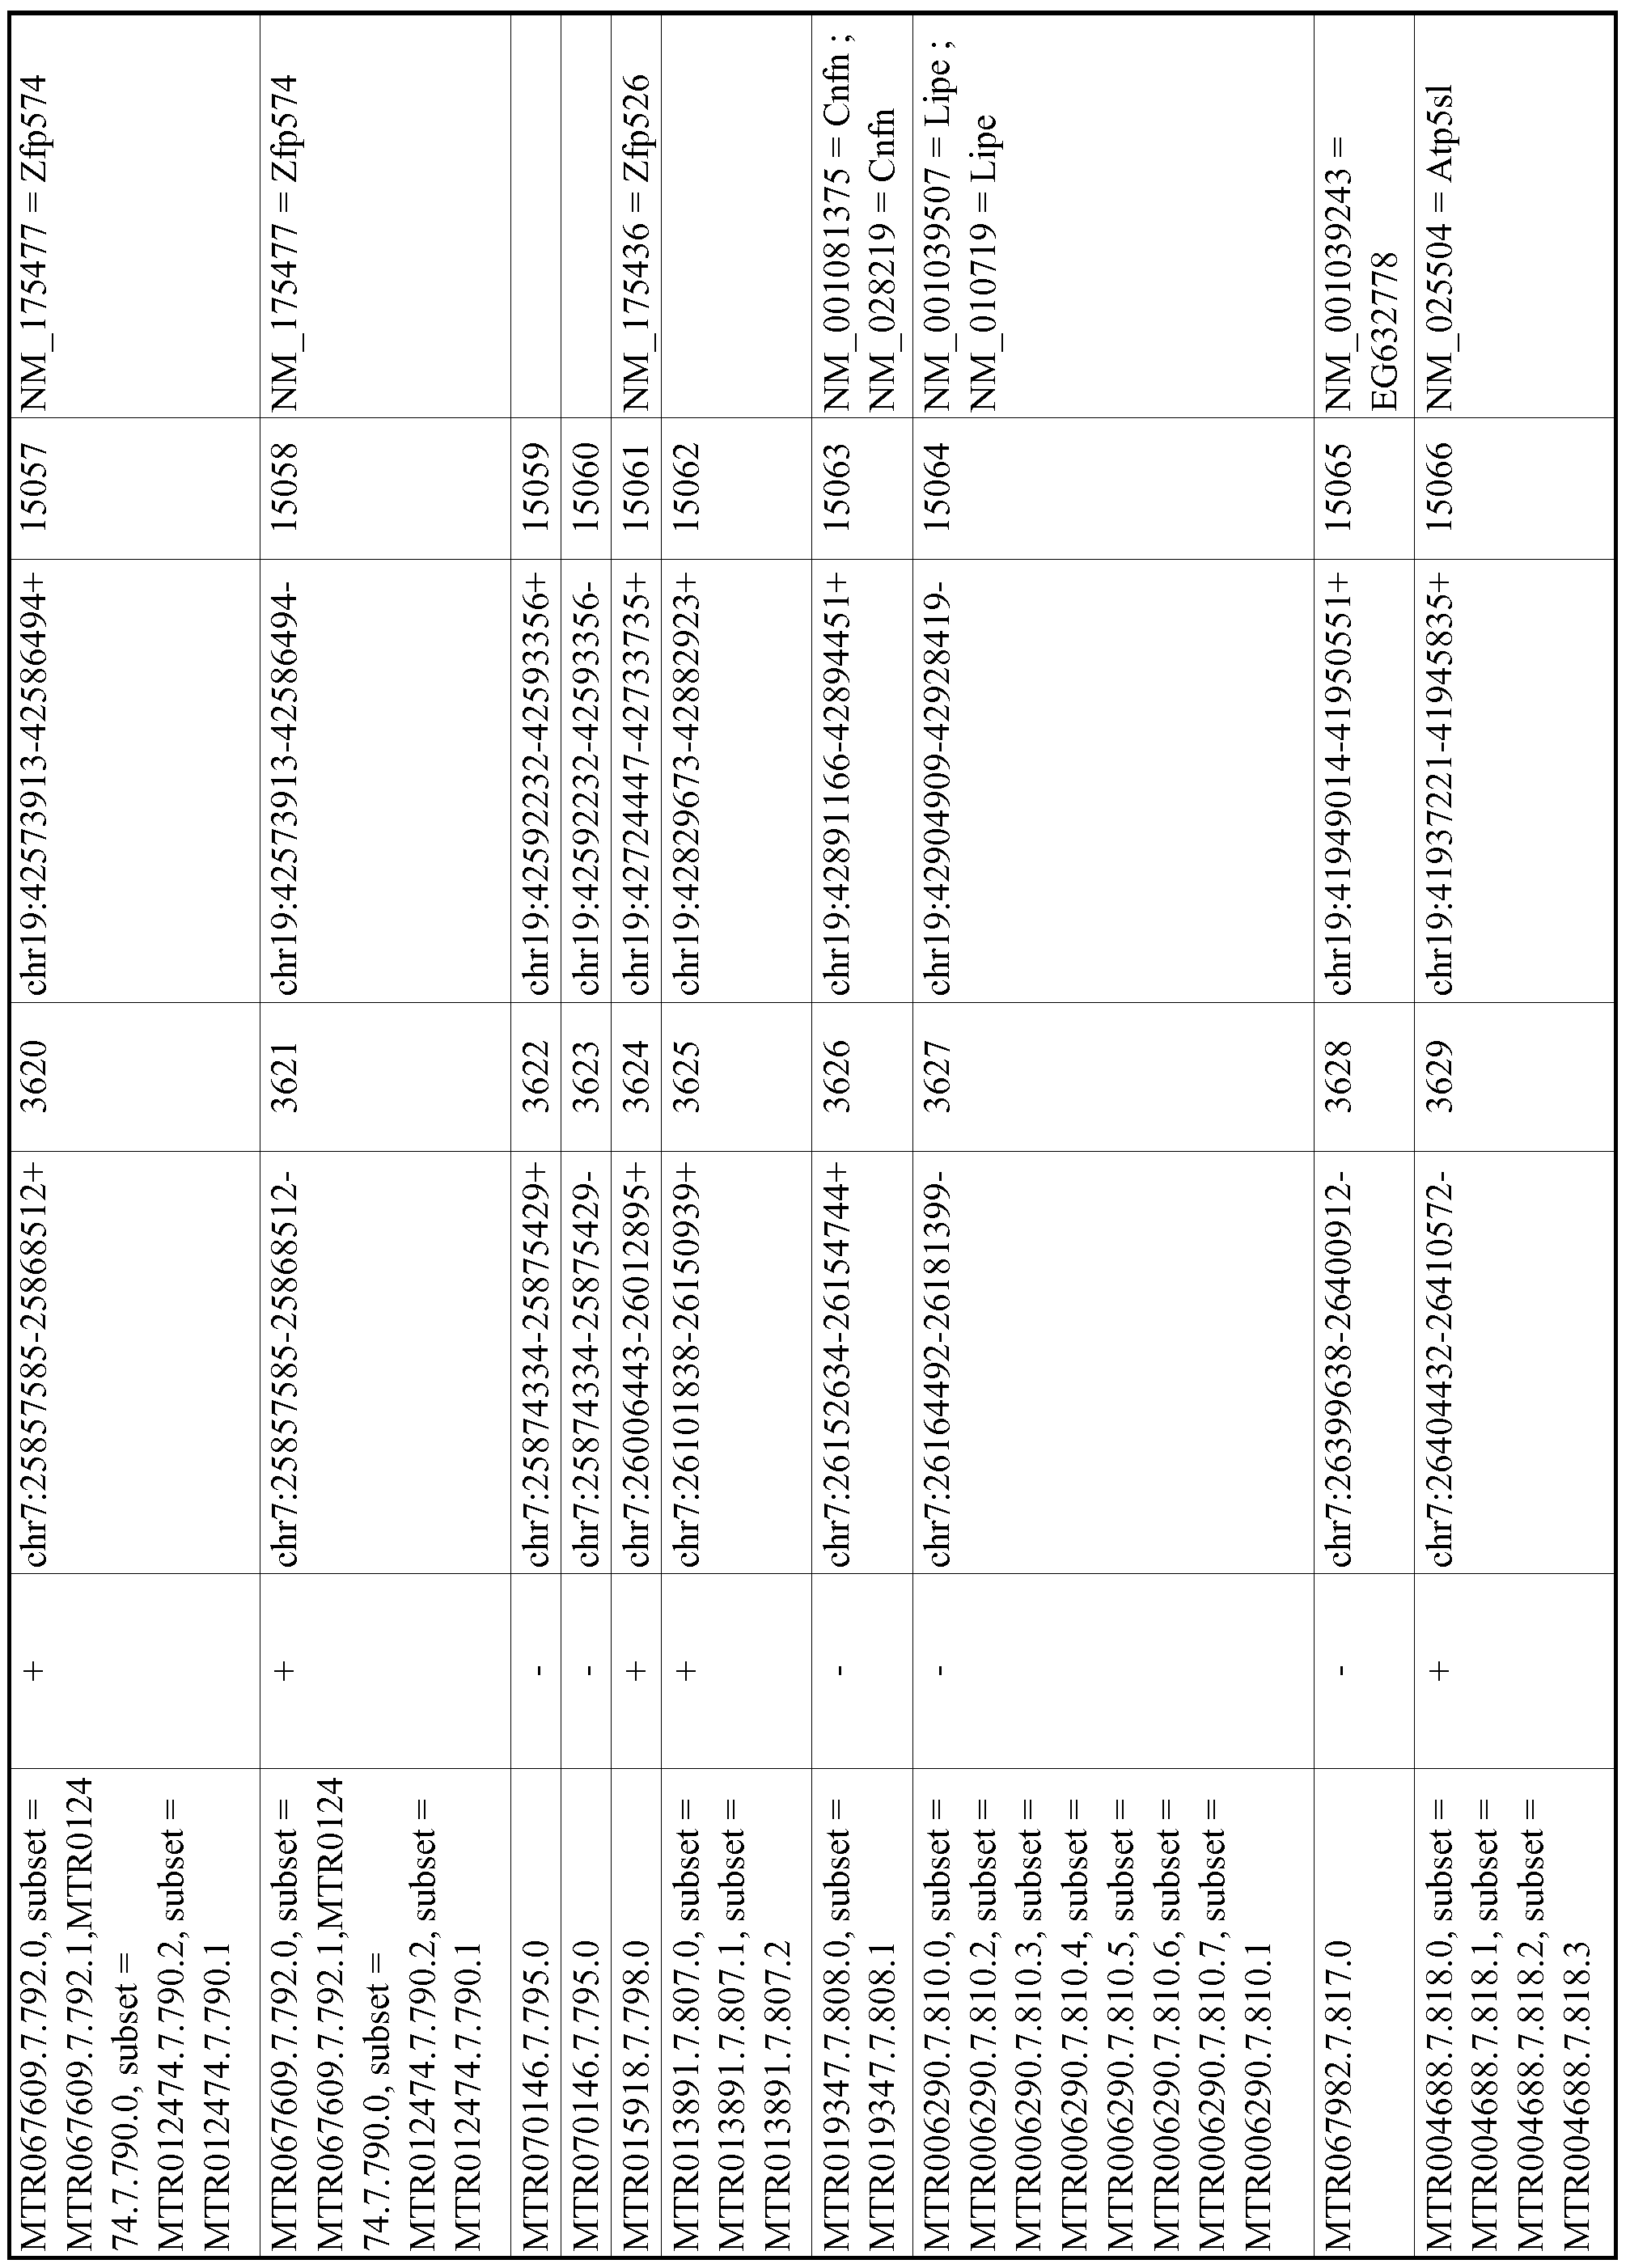 Figure imgf000702_0001